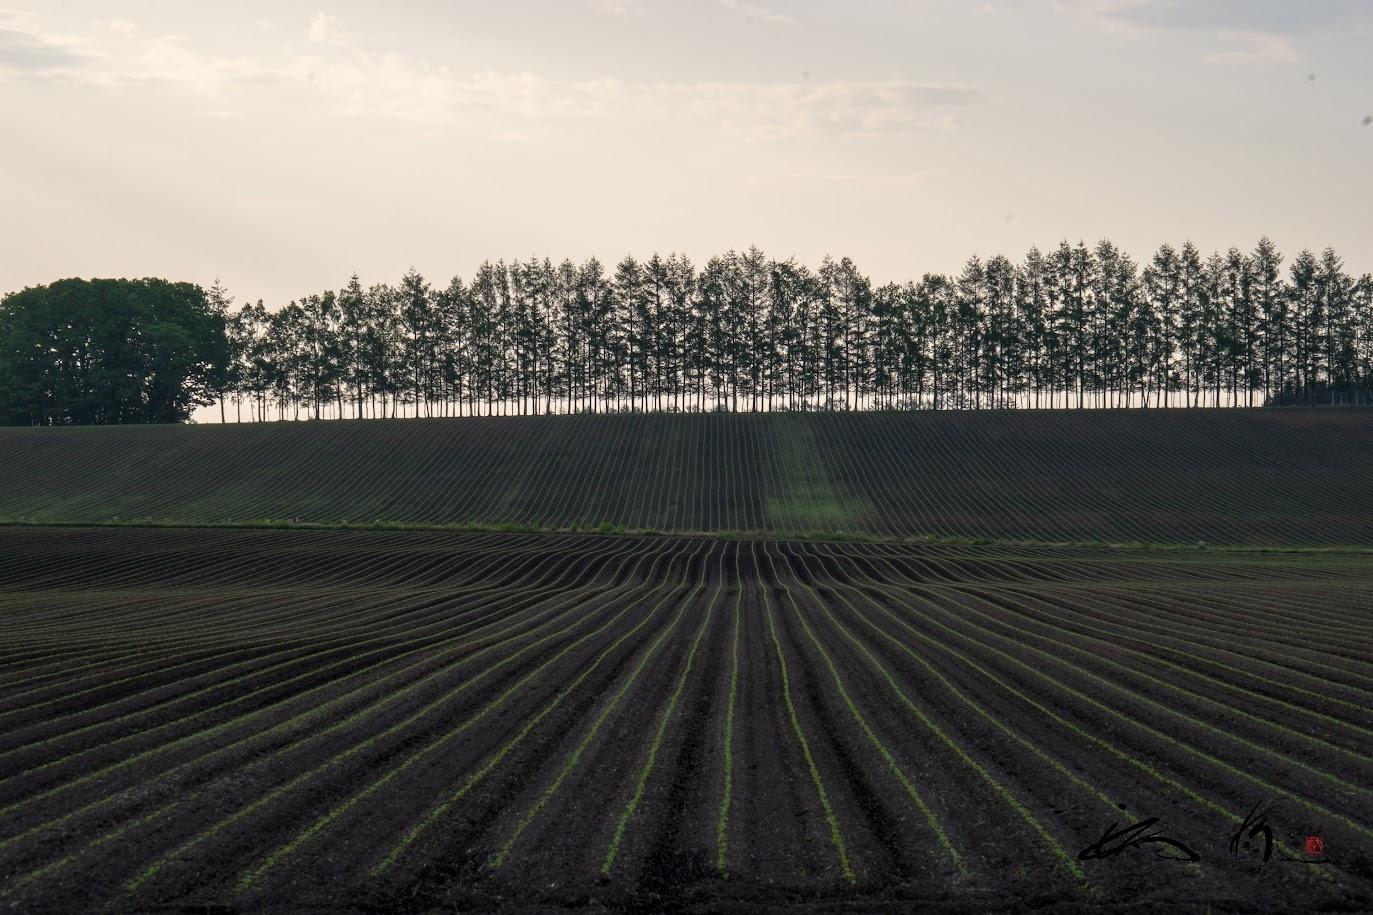 黒檀色の大地が描き出す、新緑の直線模様